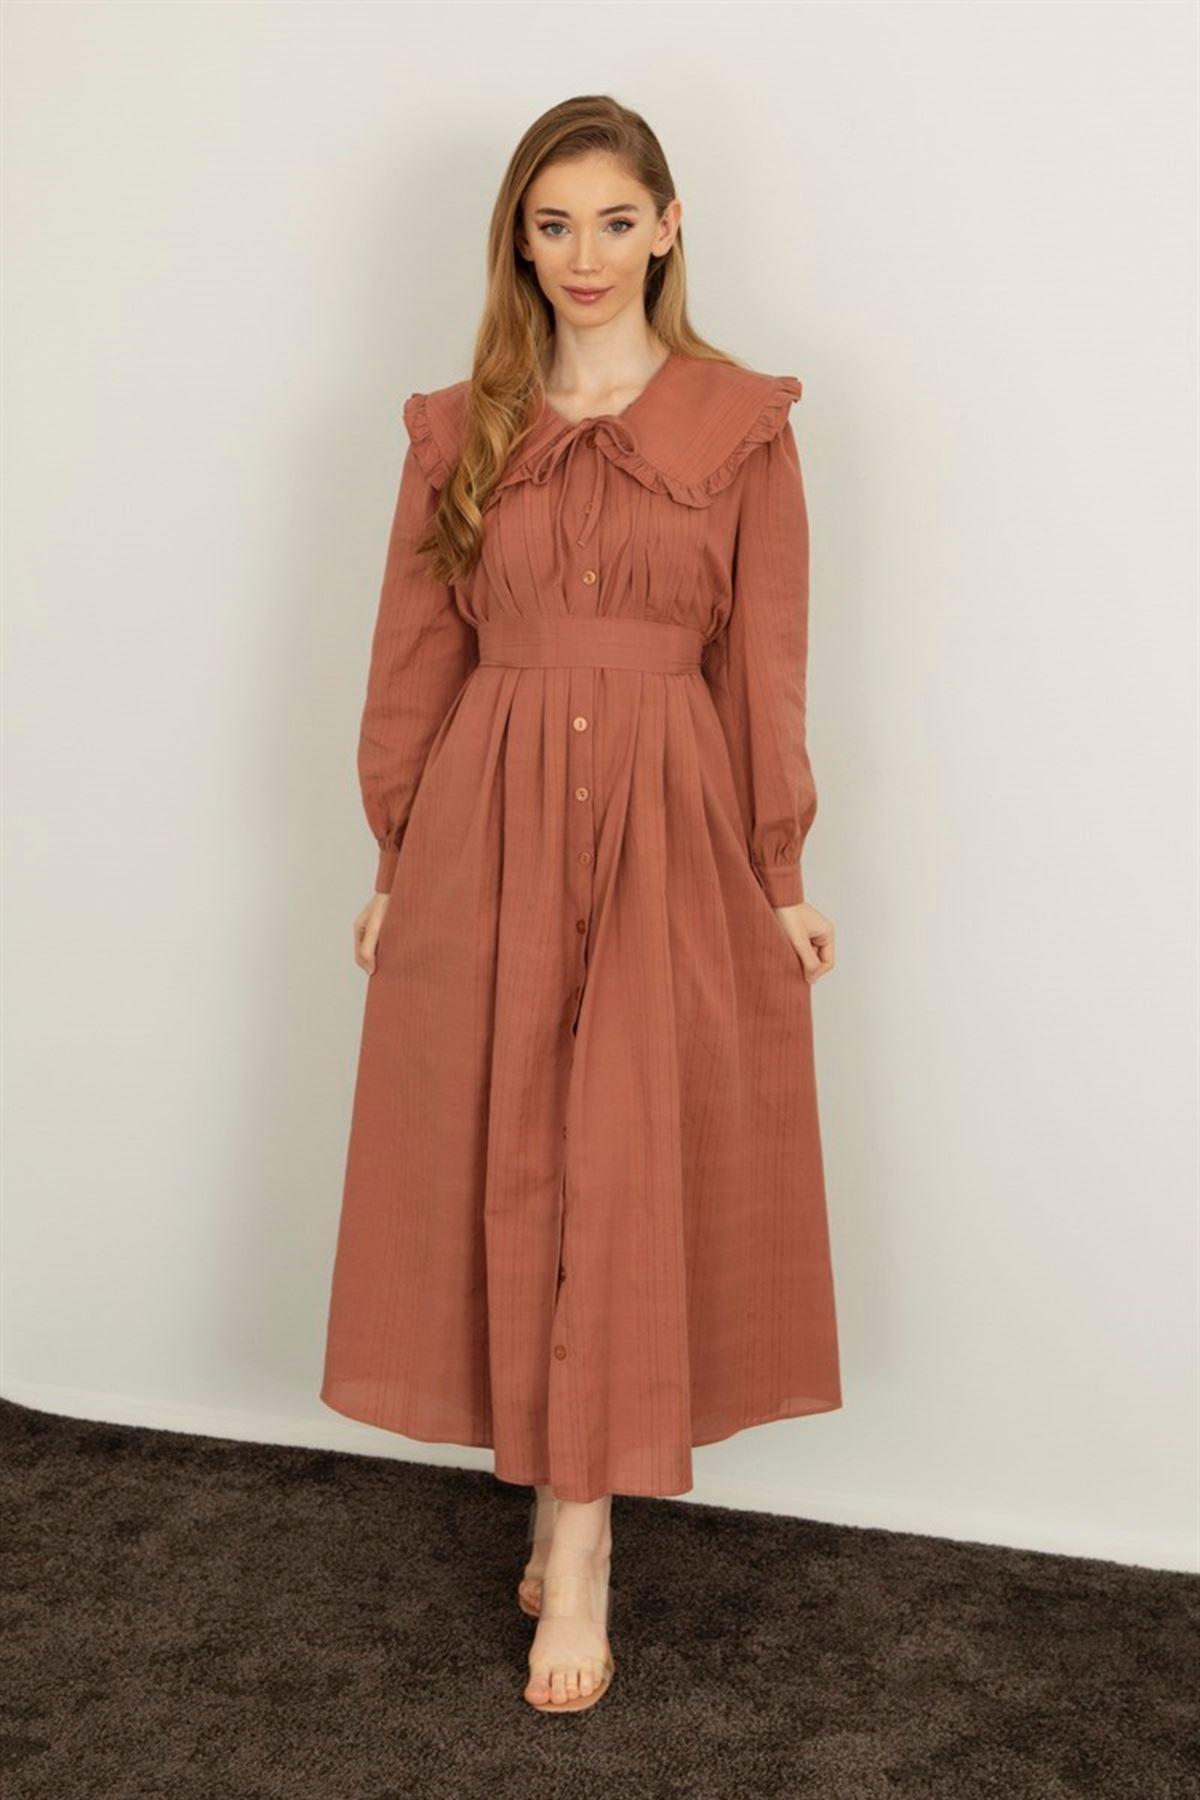 Kadın Bebe Yaka Boydan Düğmeli Elbise-gül kurusu